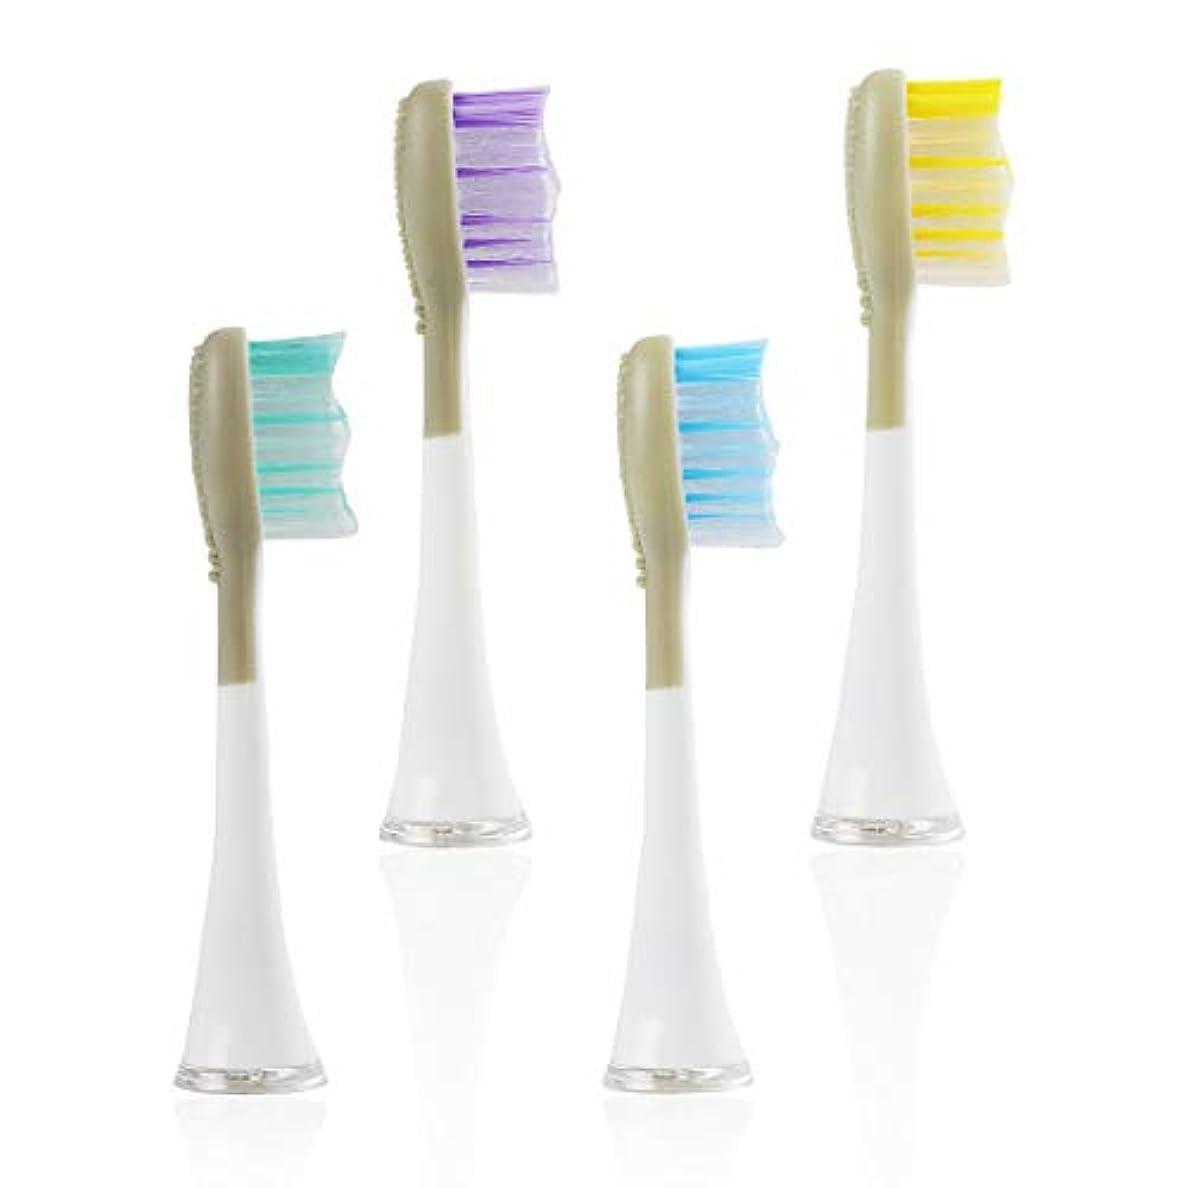 どちらか納屋ヒロイックQurra 音波式電動歯ブラシ 替えブラシ 4本セット 舌ブラシ付き ワイヤレス充電 IPX7防水 3モード搭載 歯垢除去 ホワイトニング - 替えブラシ4本